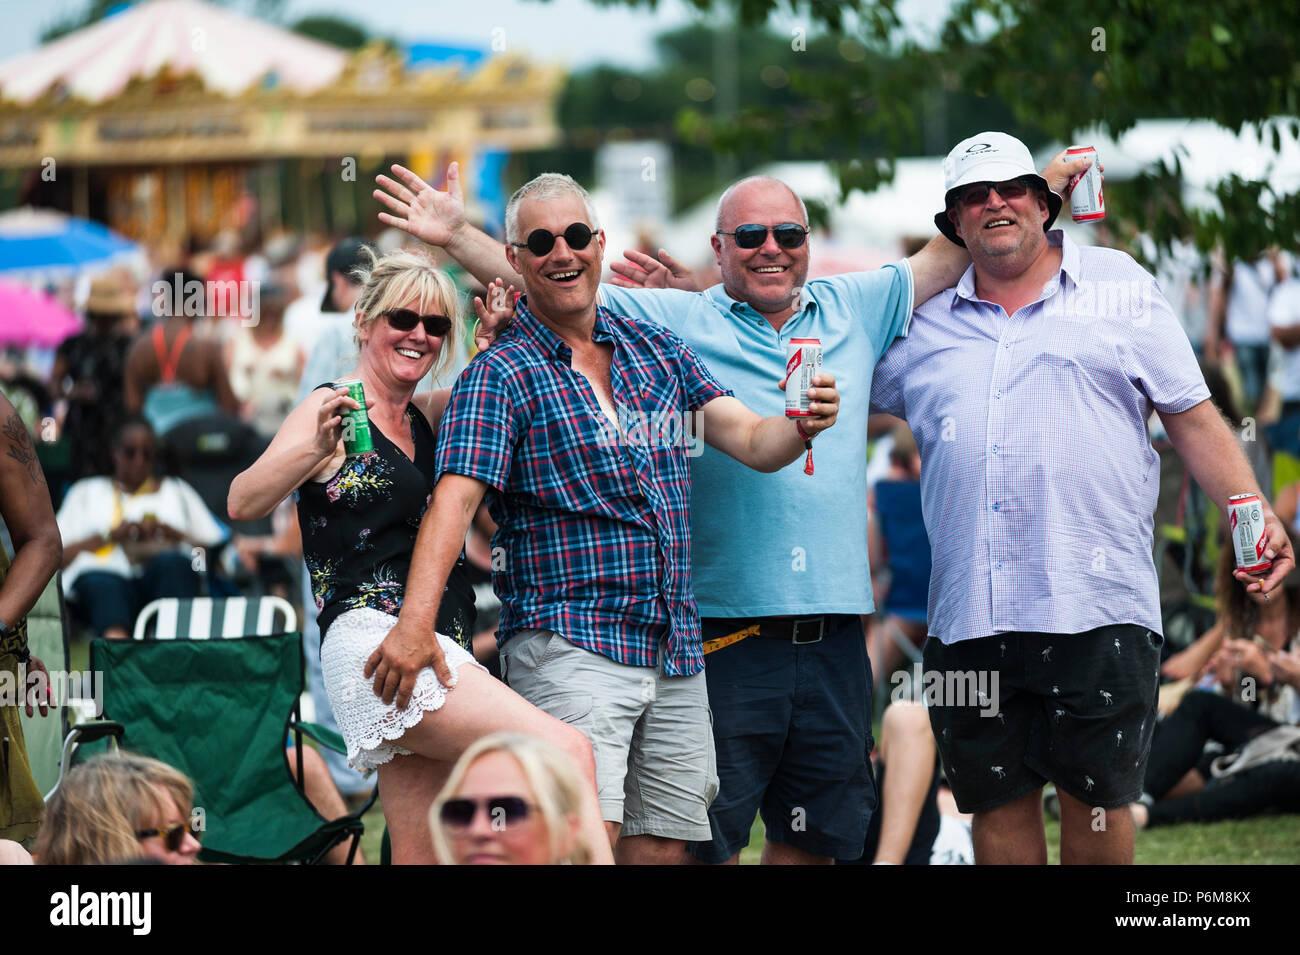 Glynde, East Sussex, el 1 de julio de 2018. Los asistentes al festival disfrutan de otro abrasador día caluroso y húmedo en Glynde Place, en el pintoresco paisaje de los South Downs, para el último día del amor supremo por sexto año consecutivo del festival. Crédito: Francesca Moore/Alamy vivir Newscolo Imagen De Stock